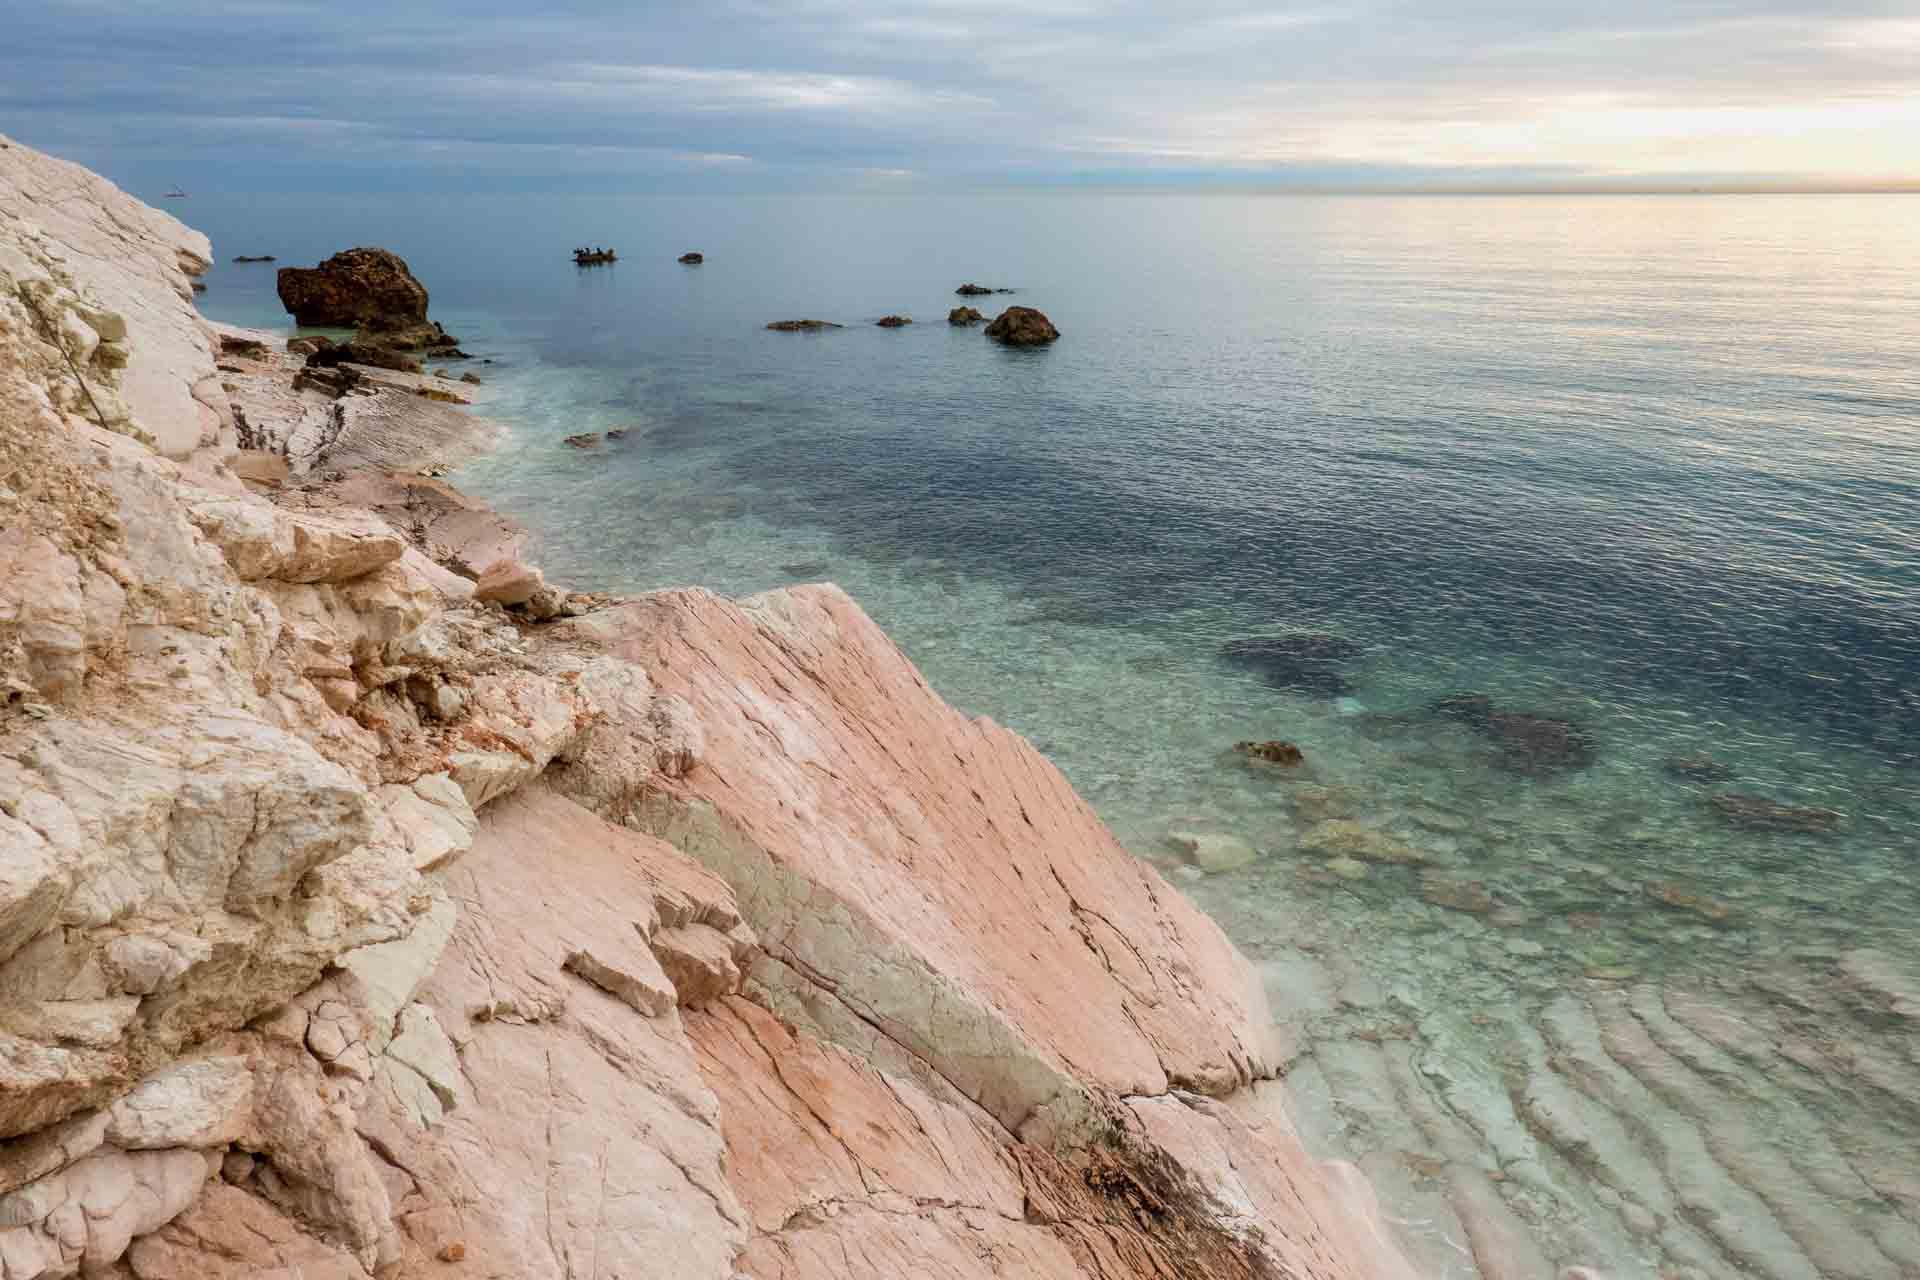 Spiaggia Sassi Neri 2 © Sauro Strappato